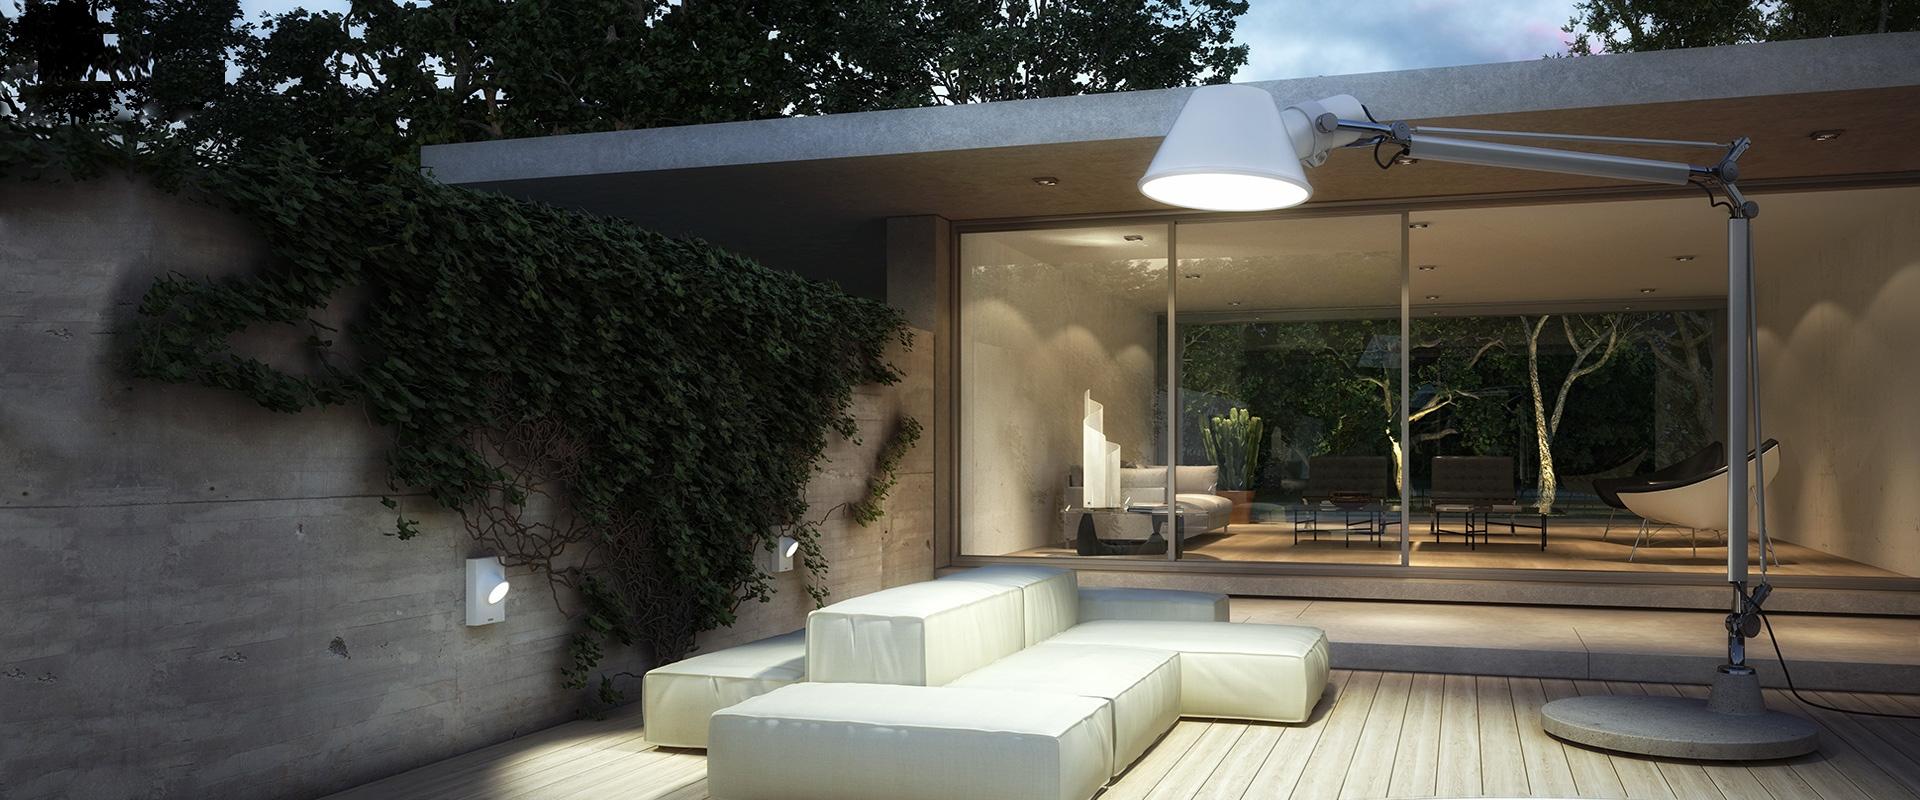 Obegi Home Artemide Outdoor Lamp